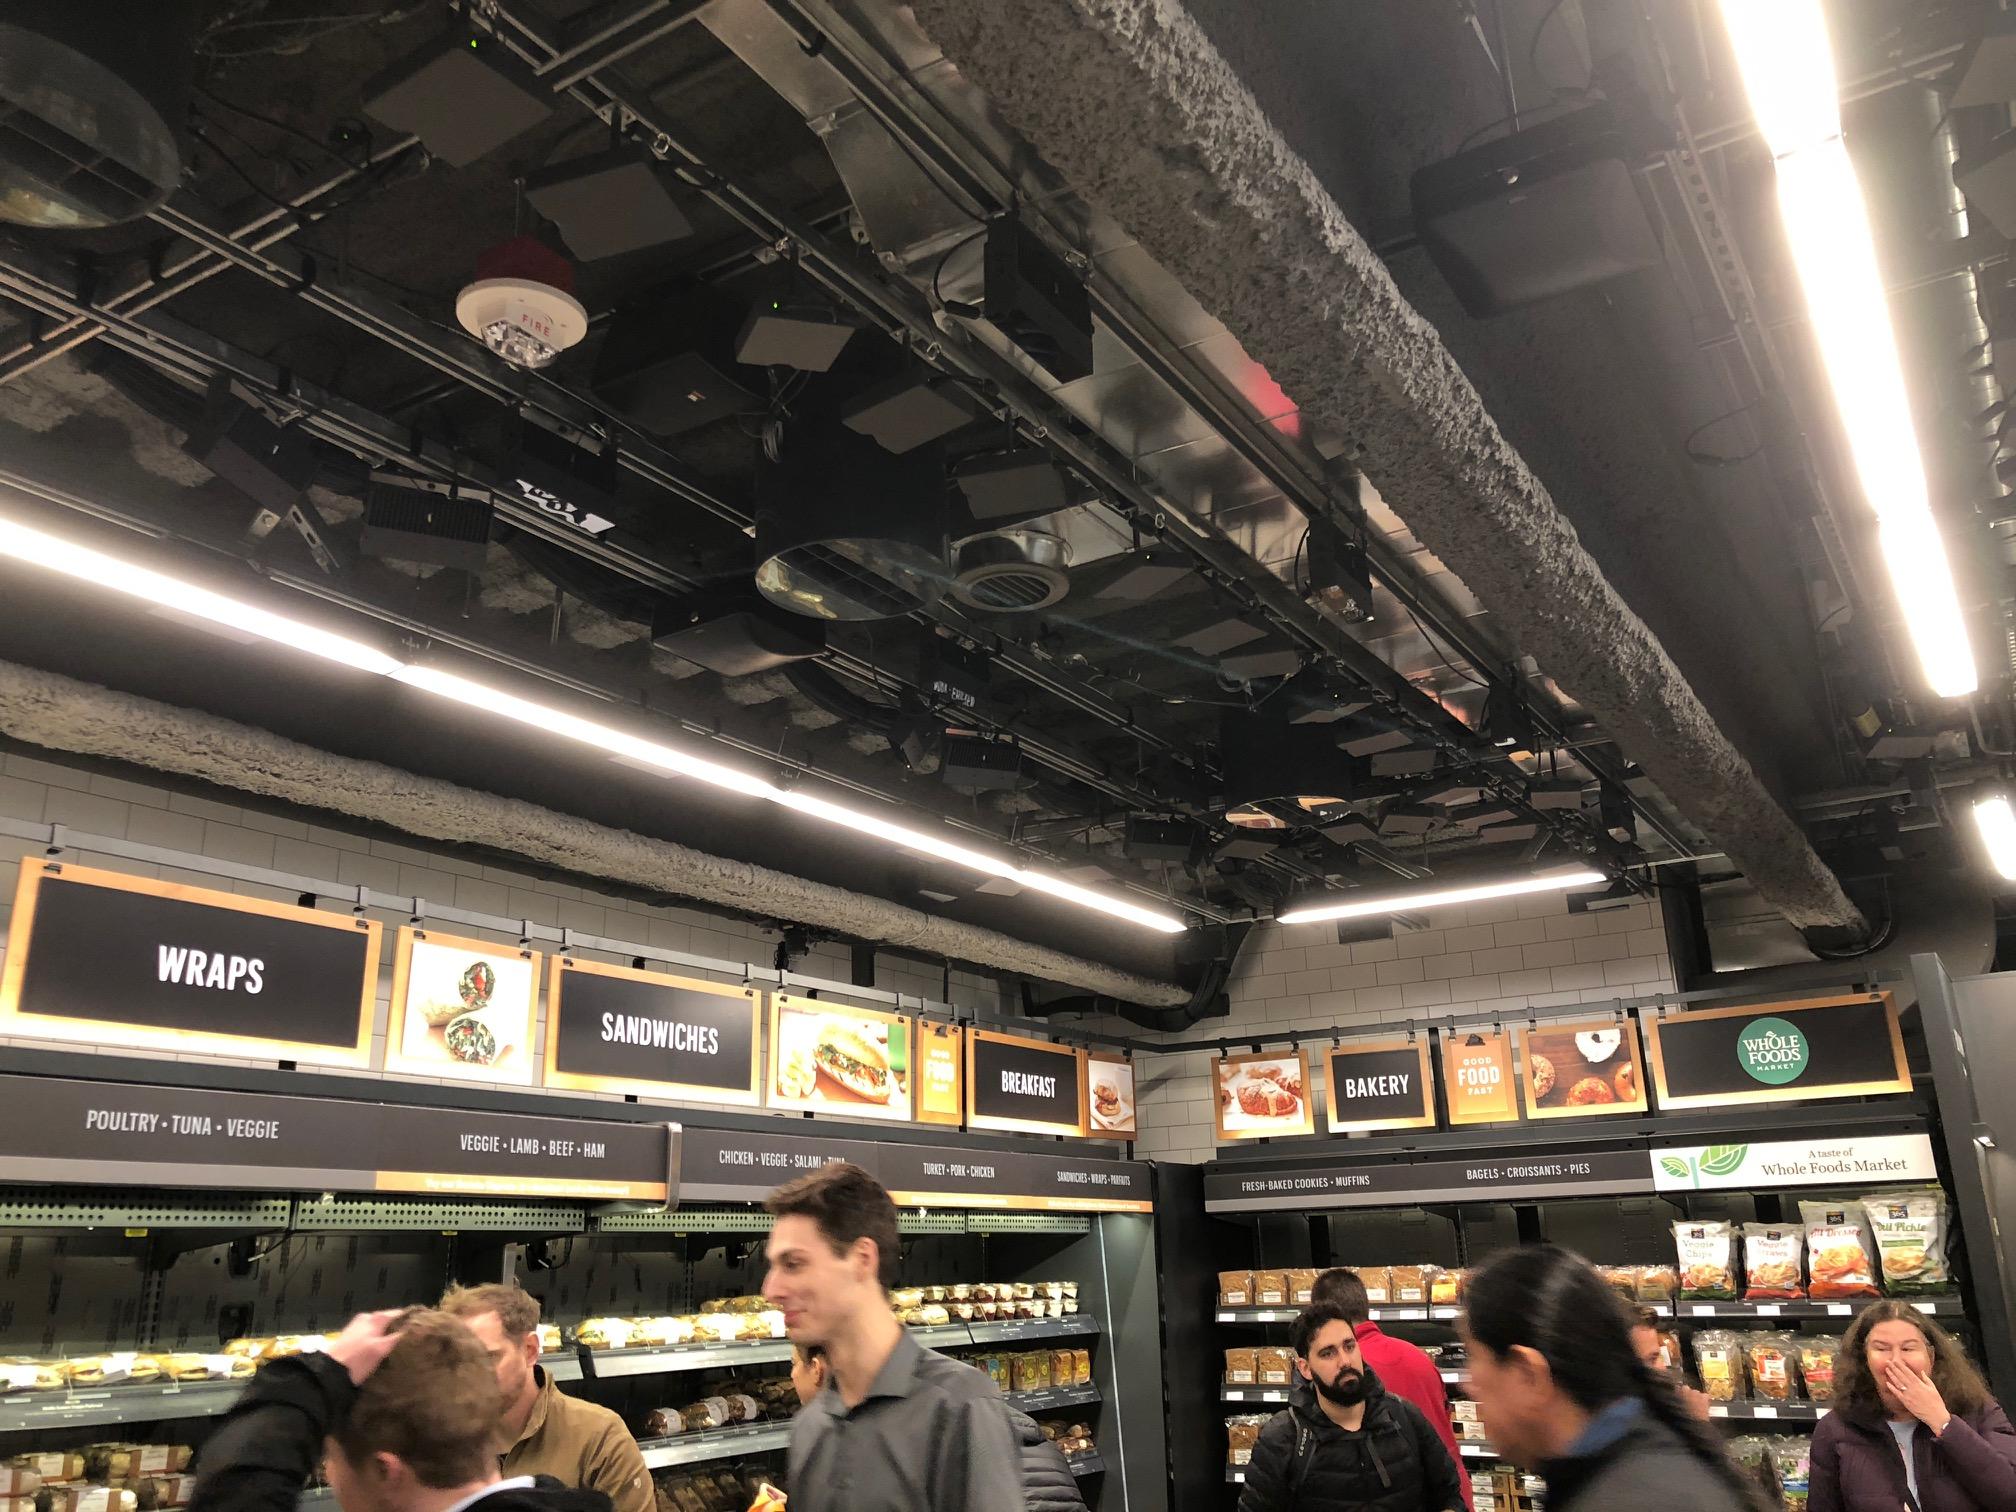 Disse sensorene er å finne i hele taket i alle deler av butikken. Det er disse som vet hvem du er og hva du putter i posen.